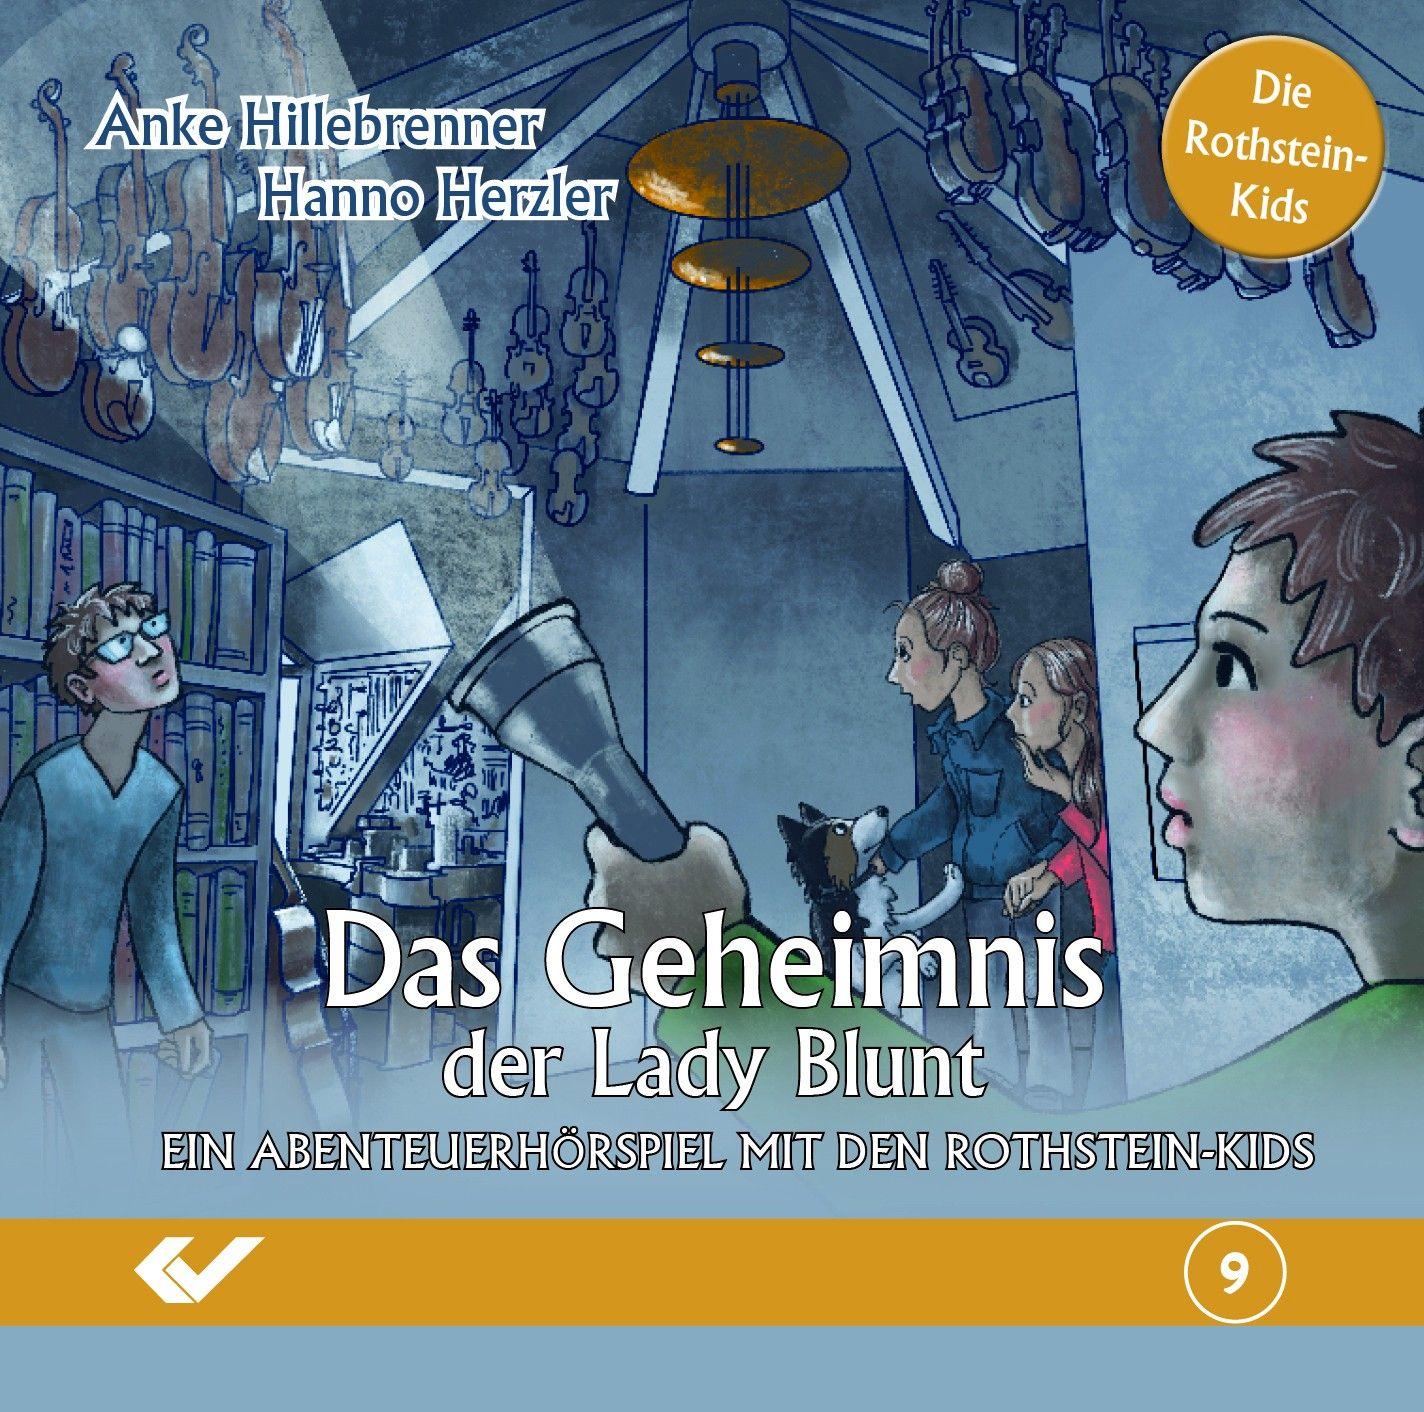 Das Geheimnis der Lady Blunt (9)